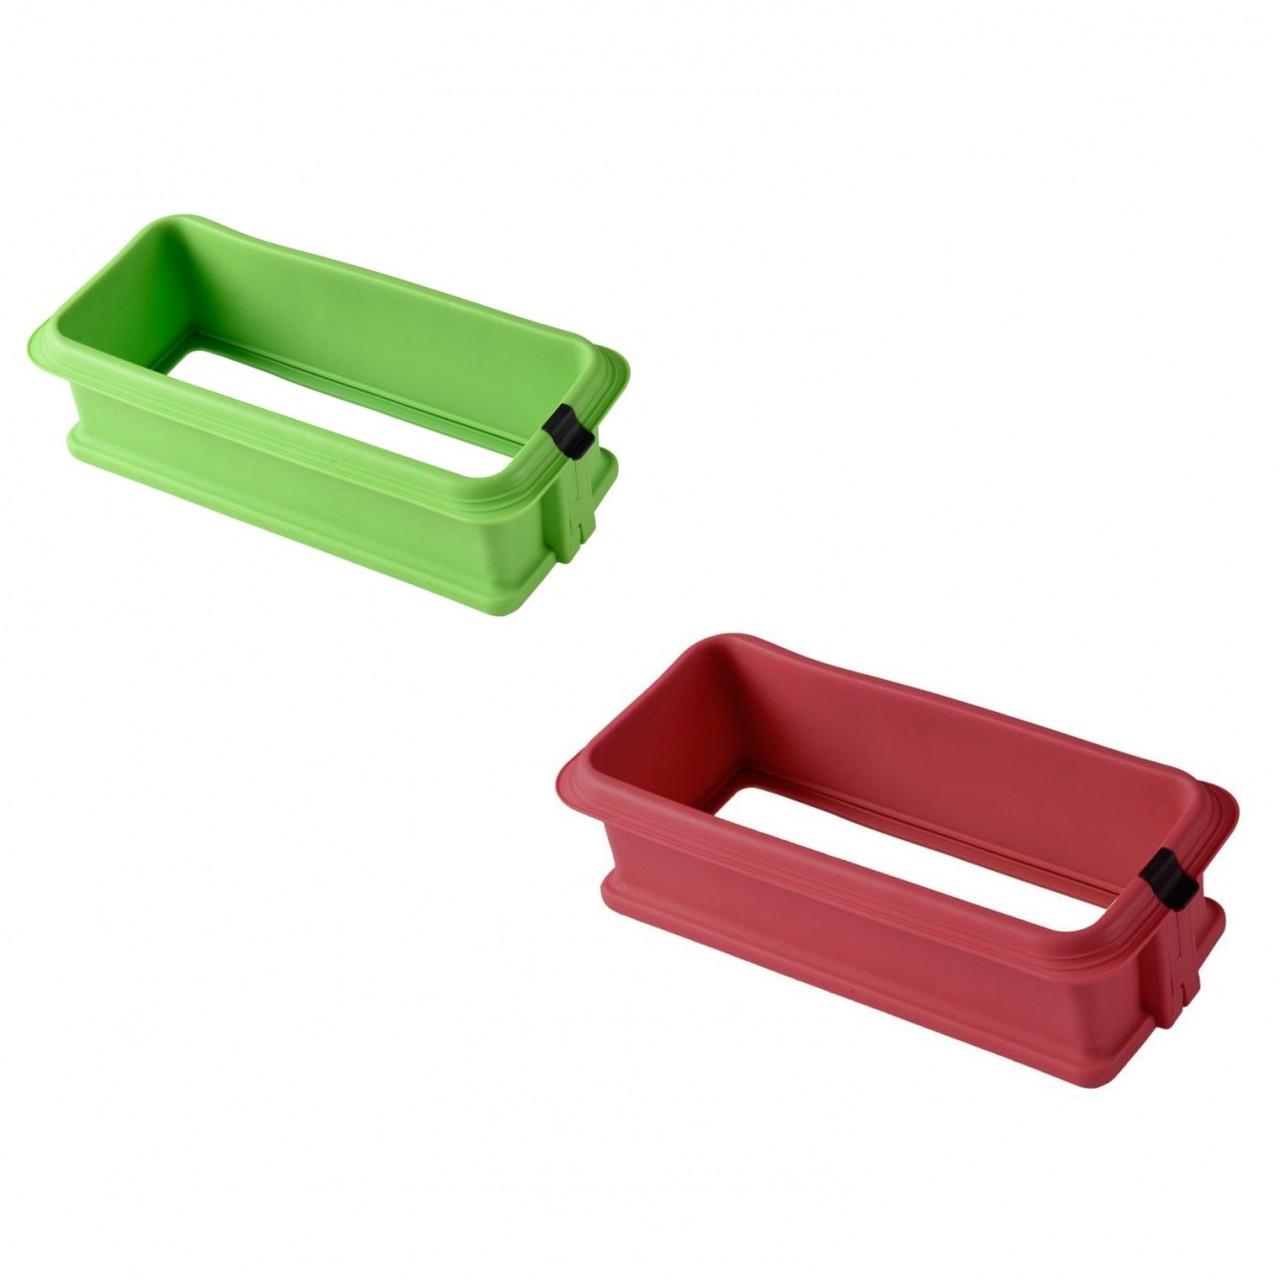 Backbleche & -formen Silikonspringform Eckig Mit Glasboden In 2 Farben